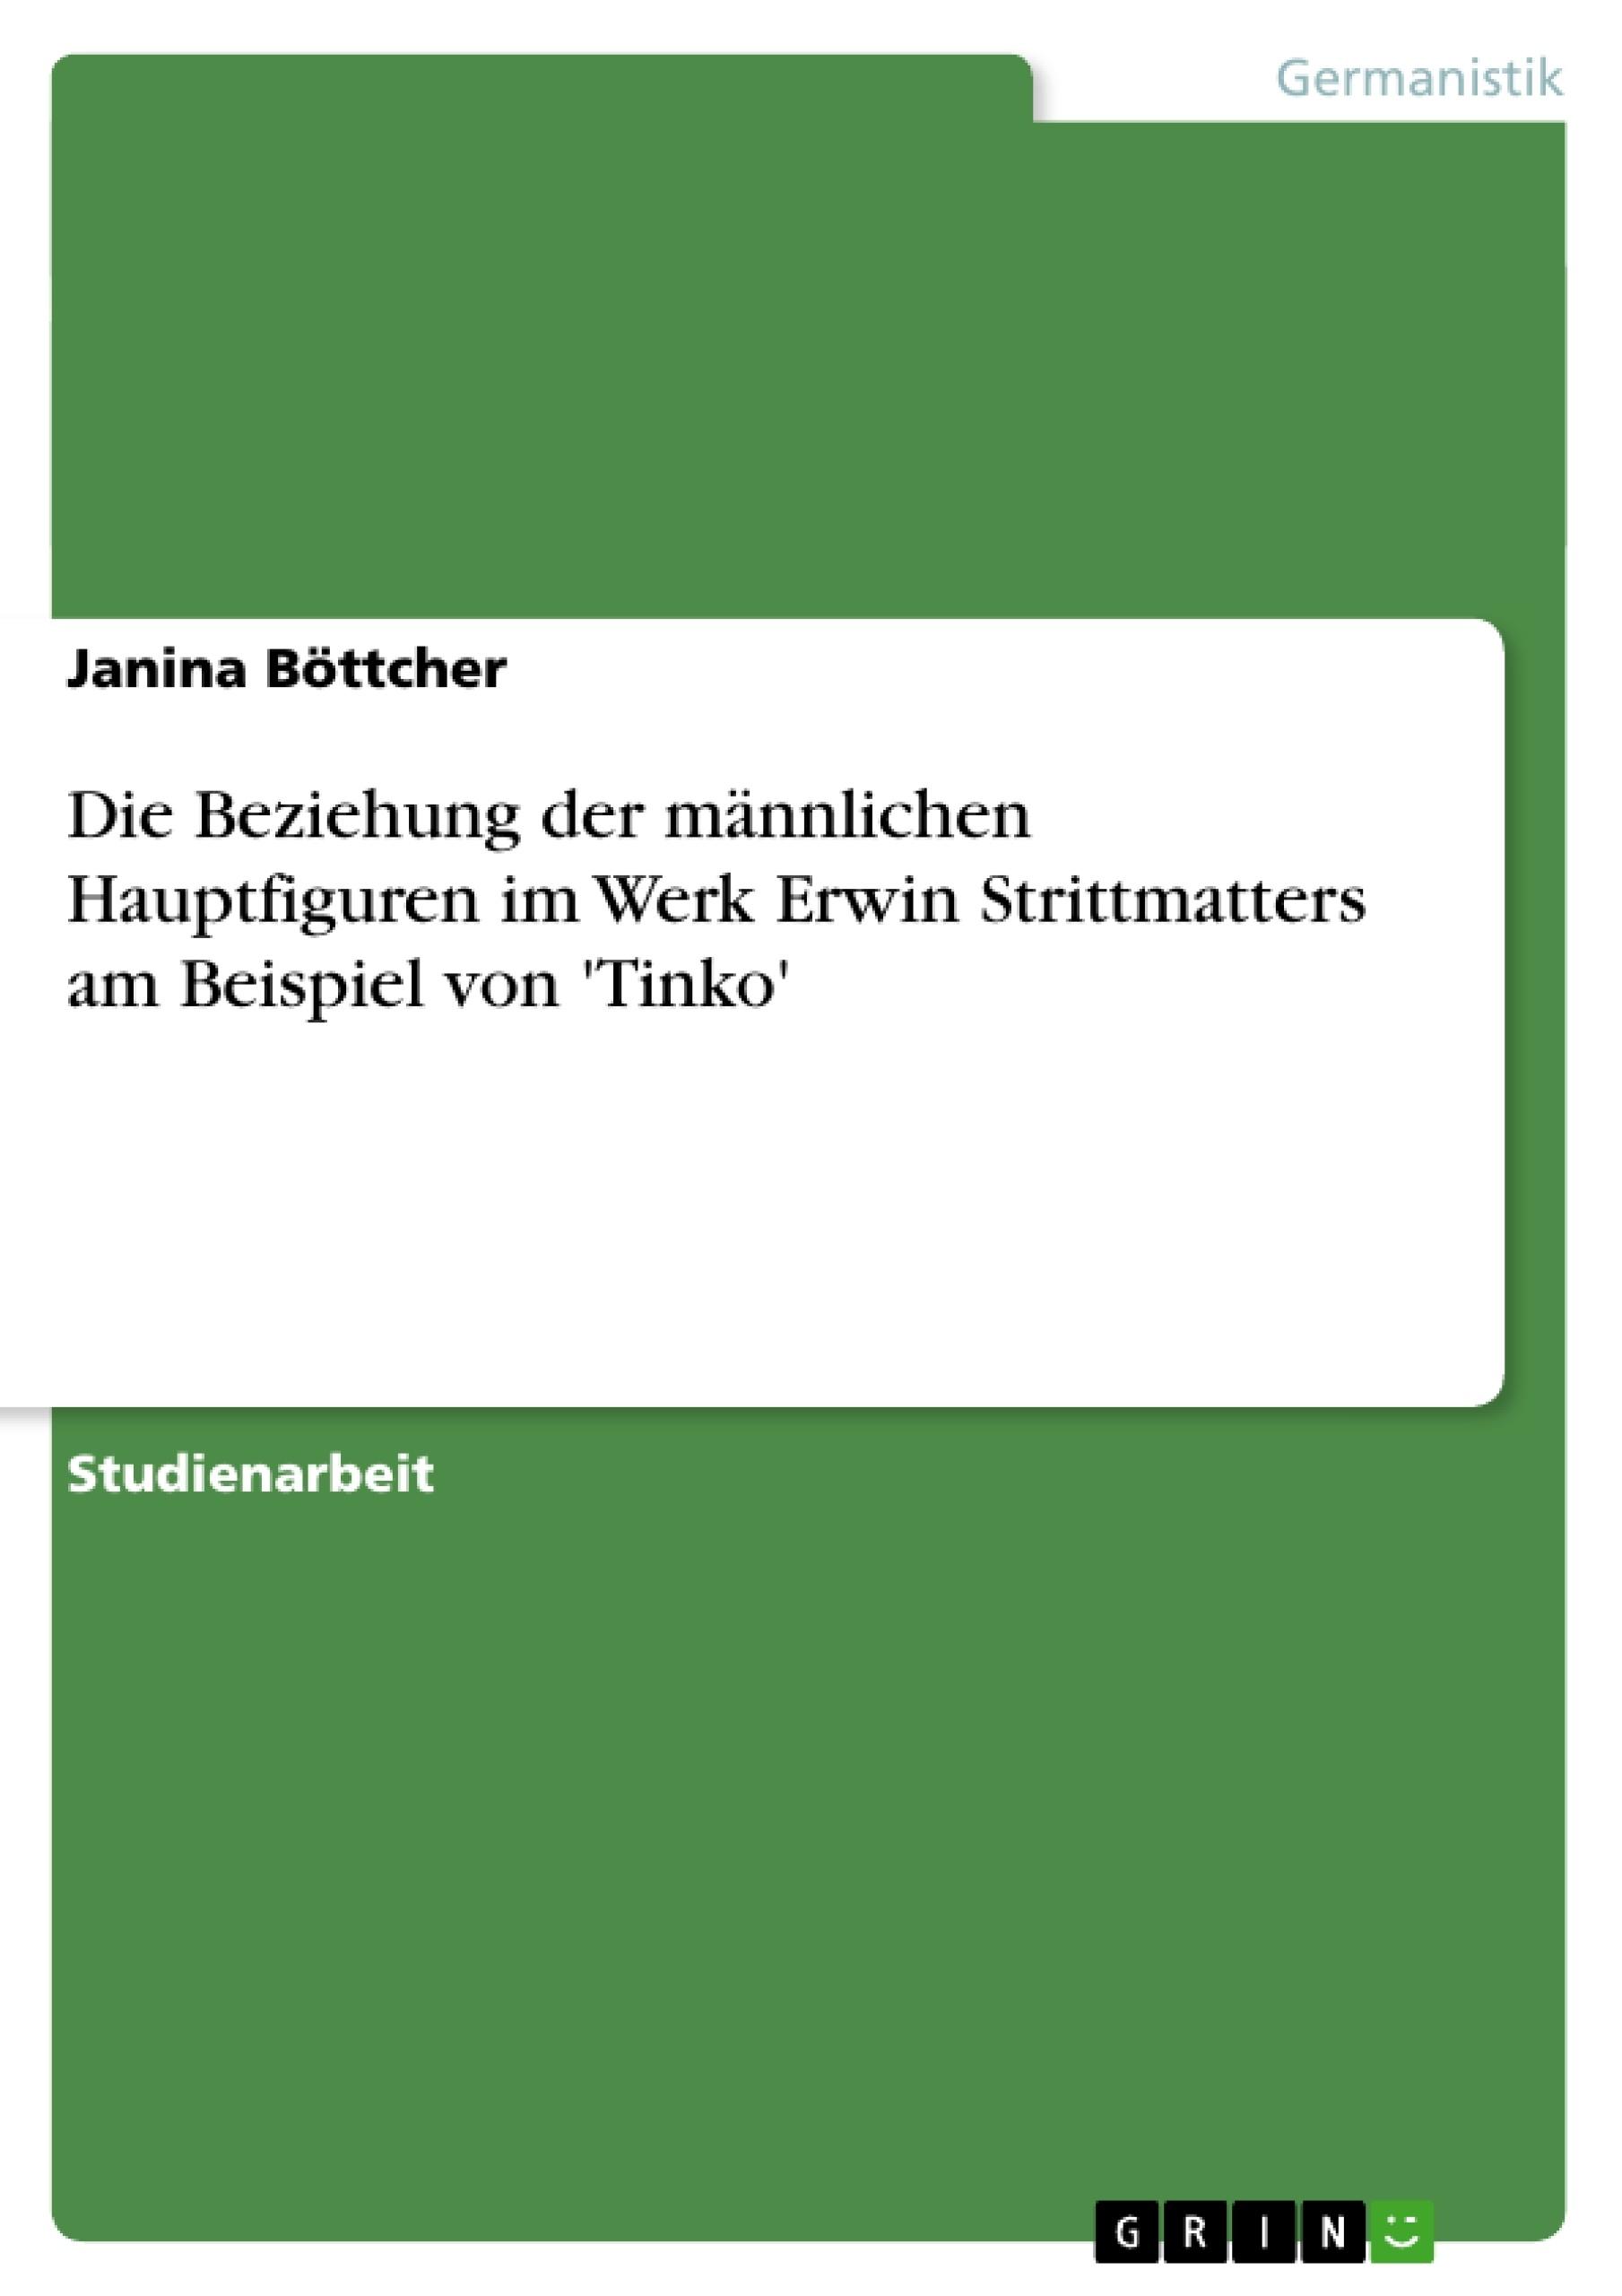 Titel: Die Beziehung der männlichen Hauptfiguren im Werk Erwin Strittmatters am Beispiel von 'Tinko'